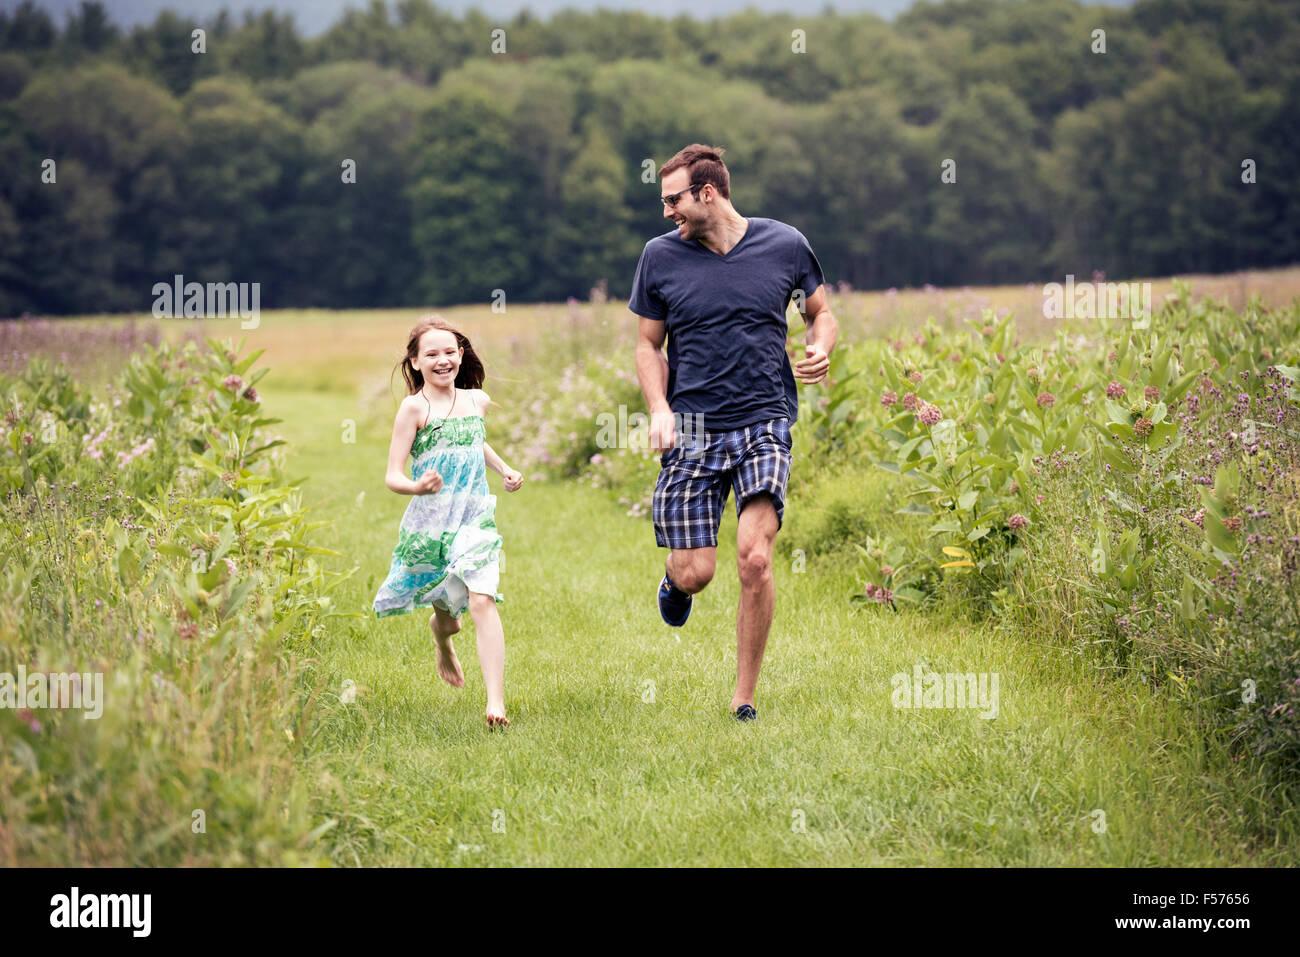 Un homme et un jeune enfant qui traverse une prairie de fleurs sauvages. Photo Stock